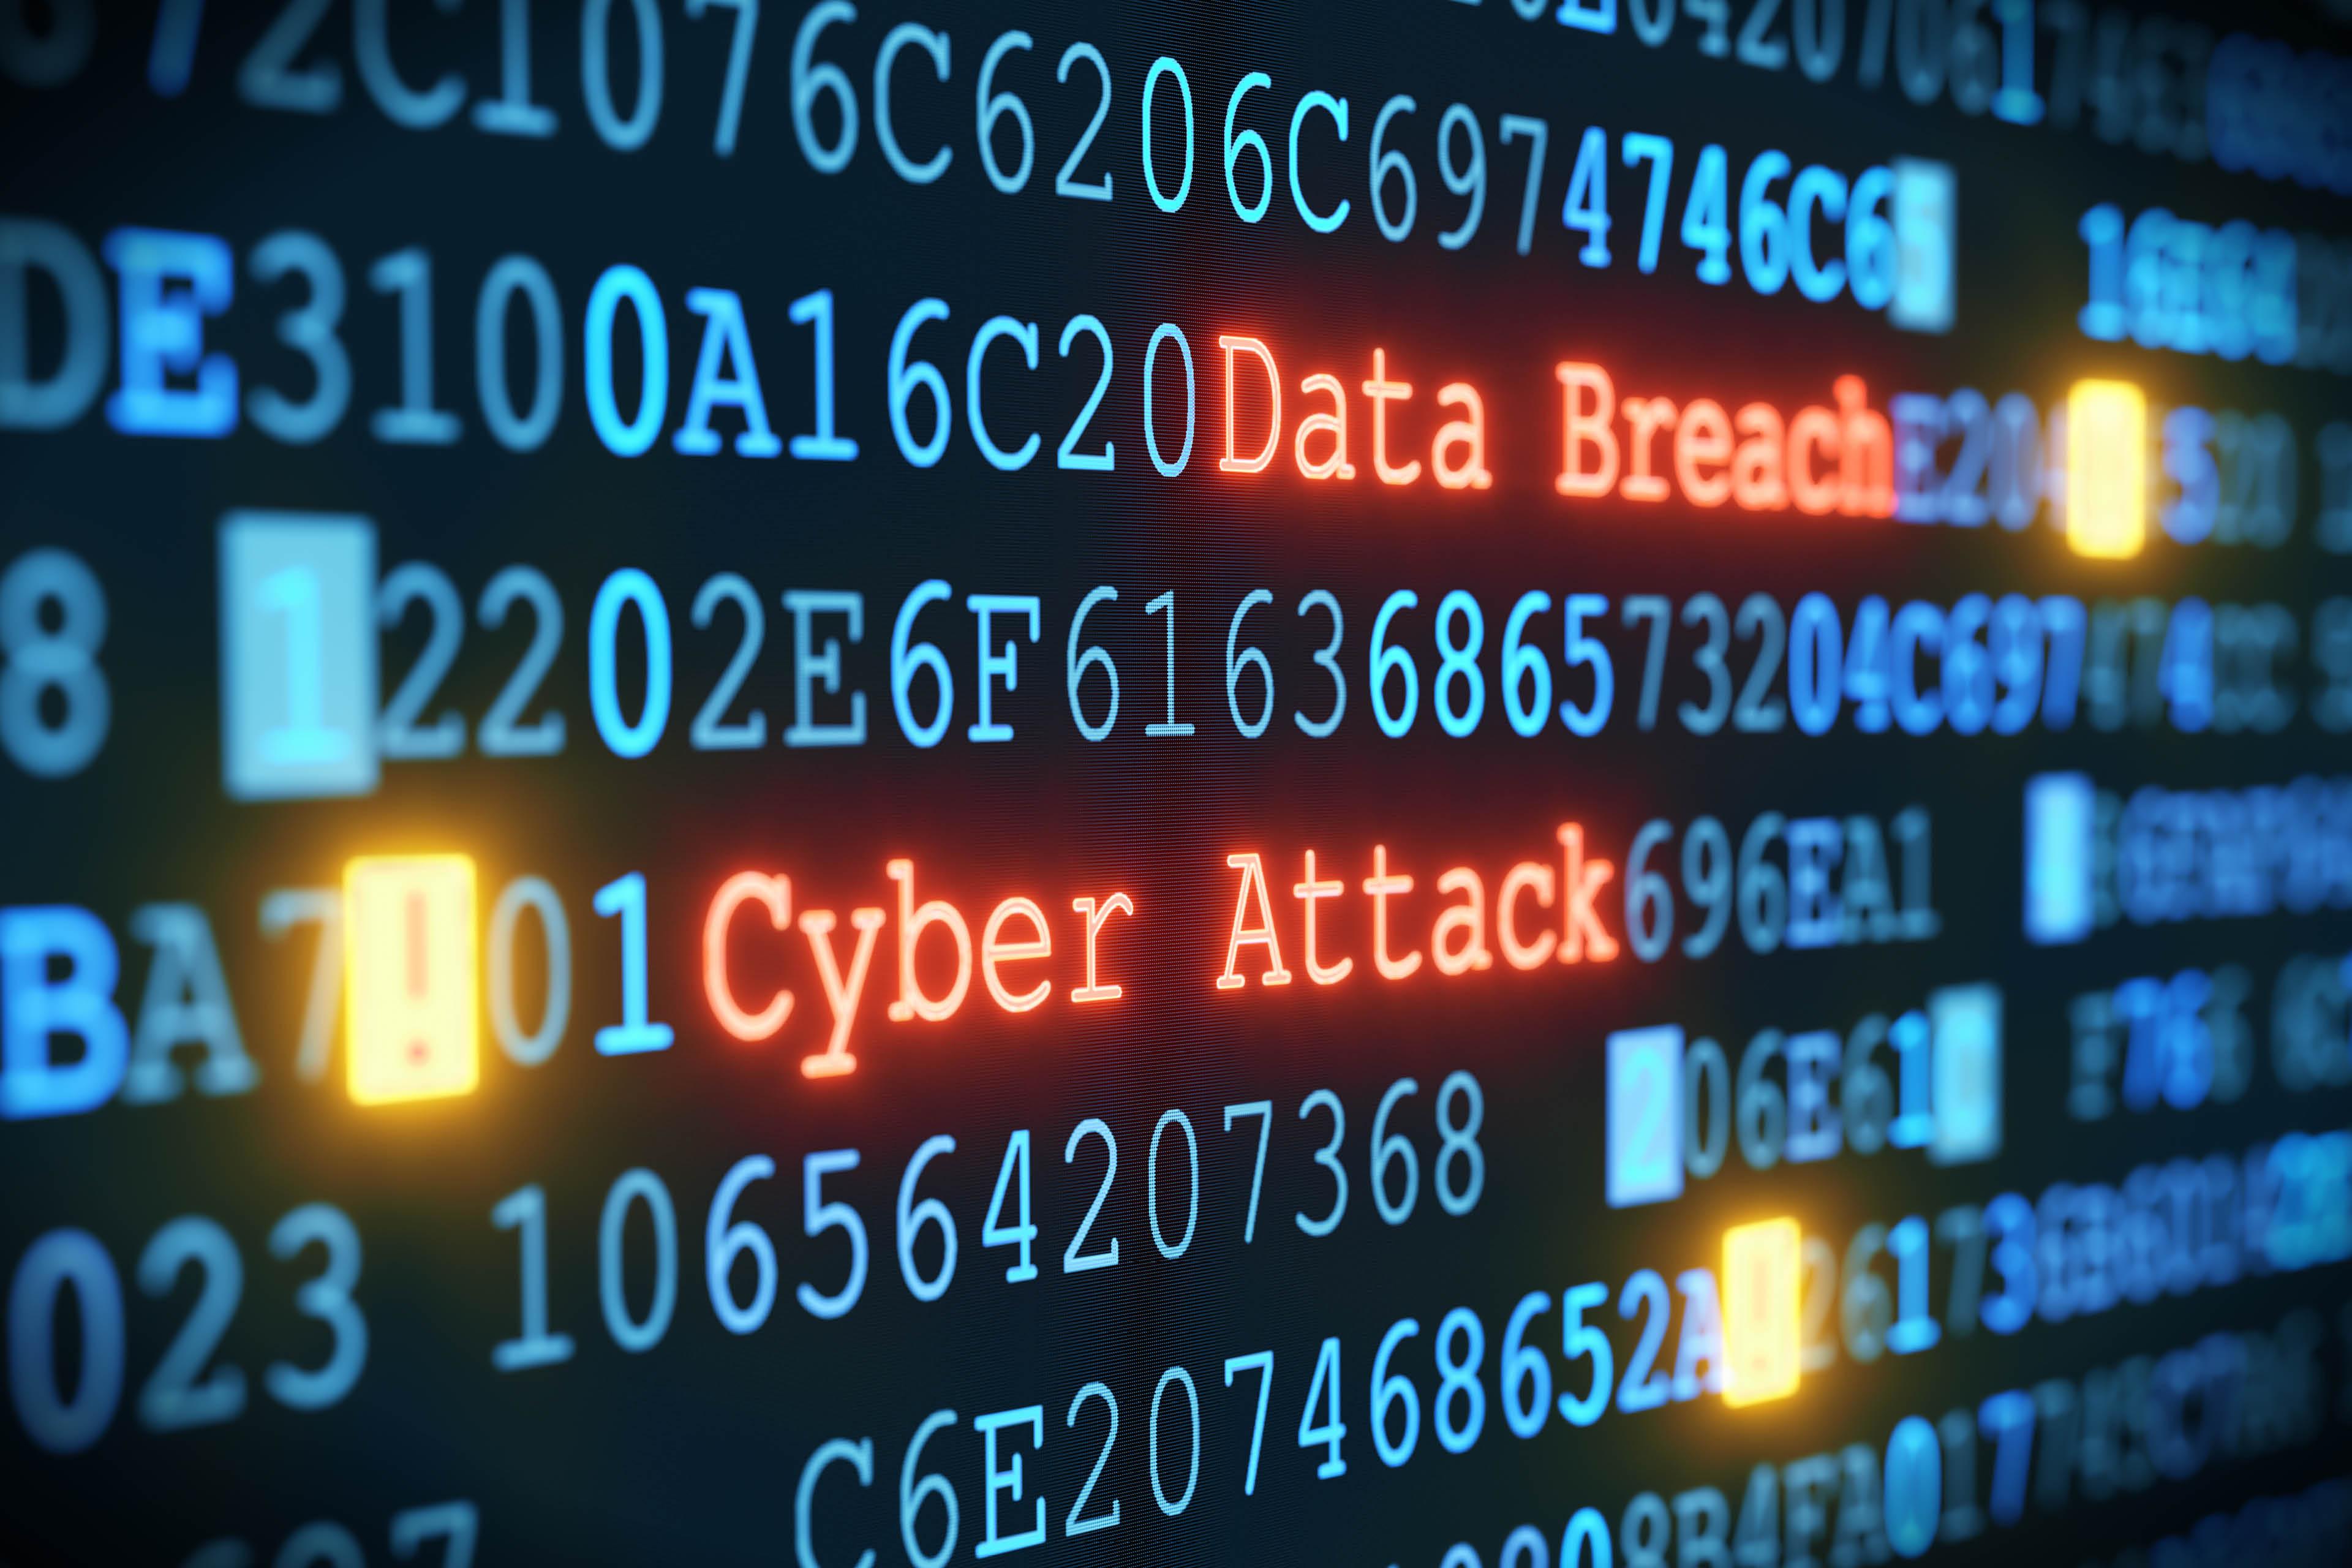 Cyber attack Data breach